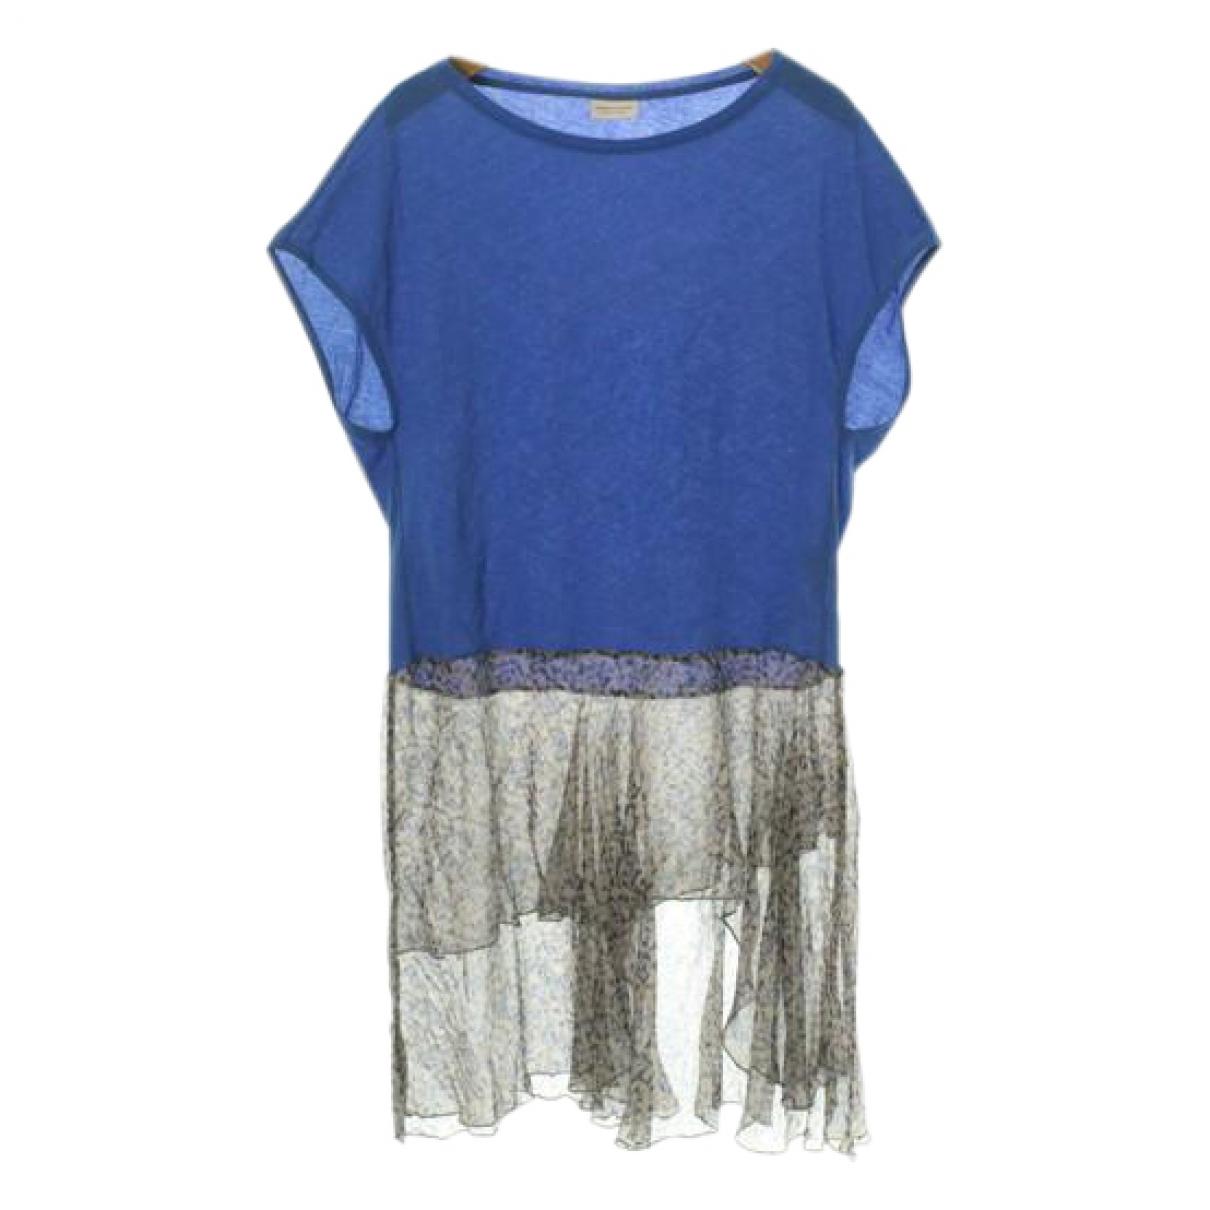 Dries Van Noten \N Blue Cotton dress for Women XS International